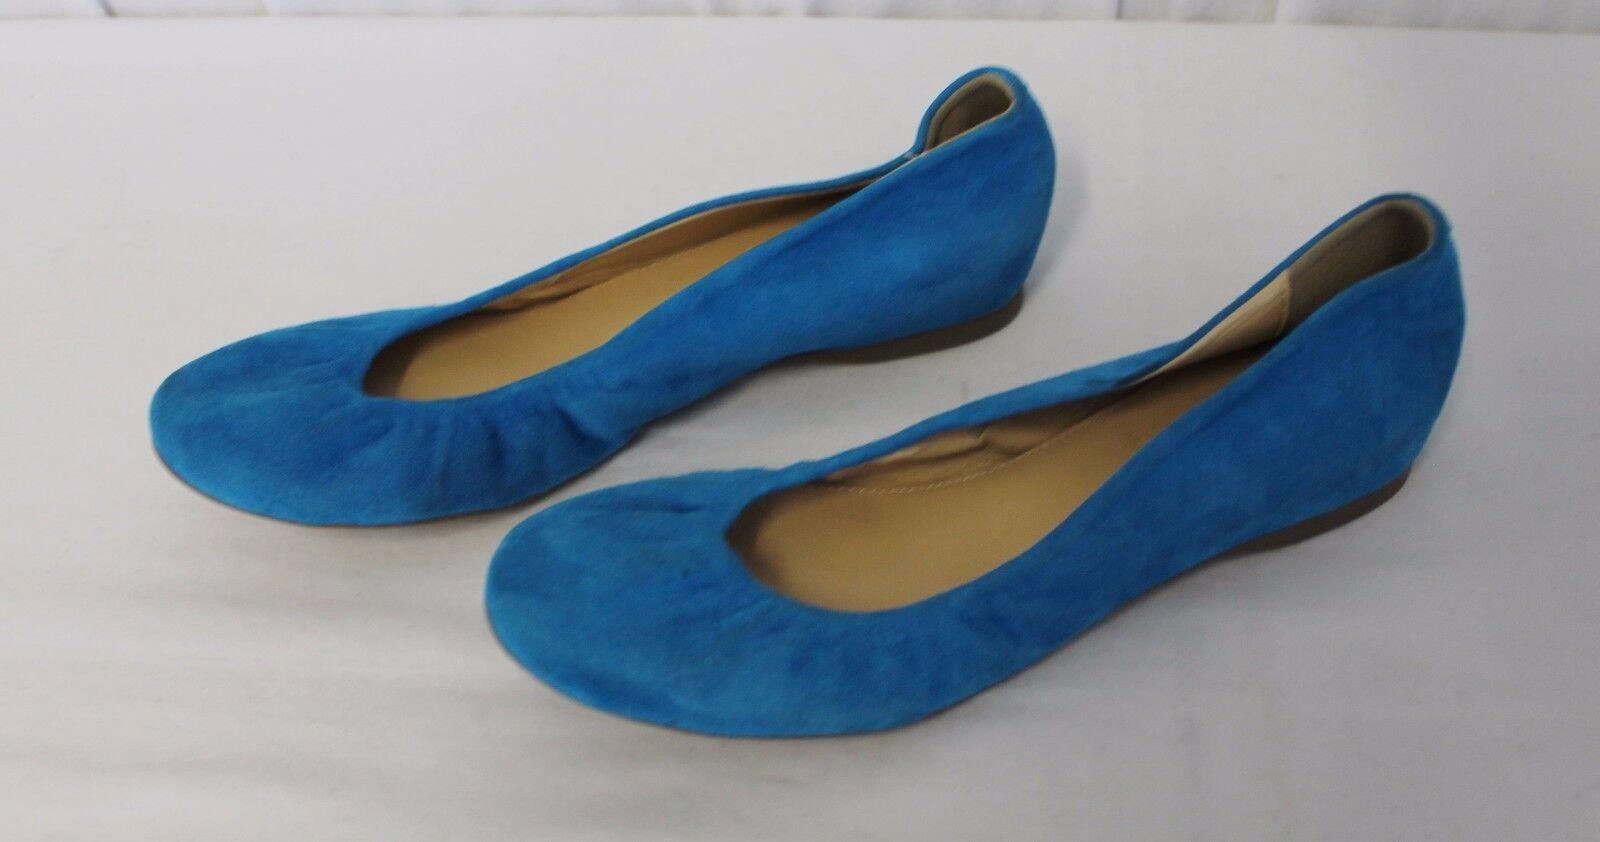 costo effettivo J CREW CECE SUEDE BALLET FLATS LEATHER Dimensione blu blu blu Dimensione 6 46198  acquista la qualità autentica al 100%